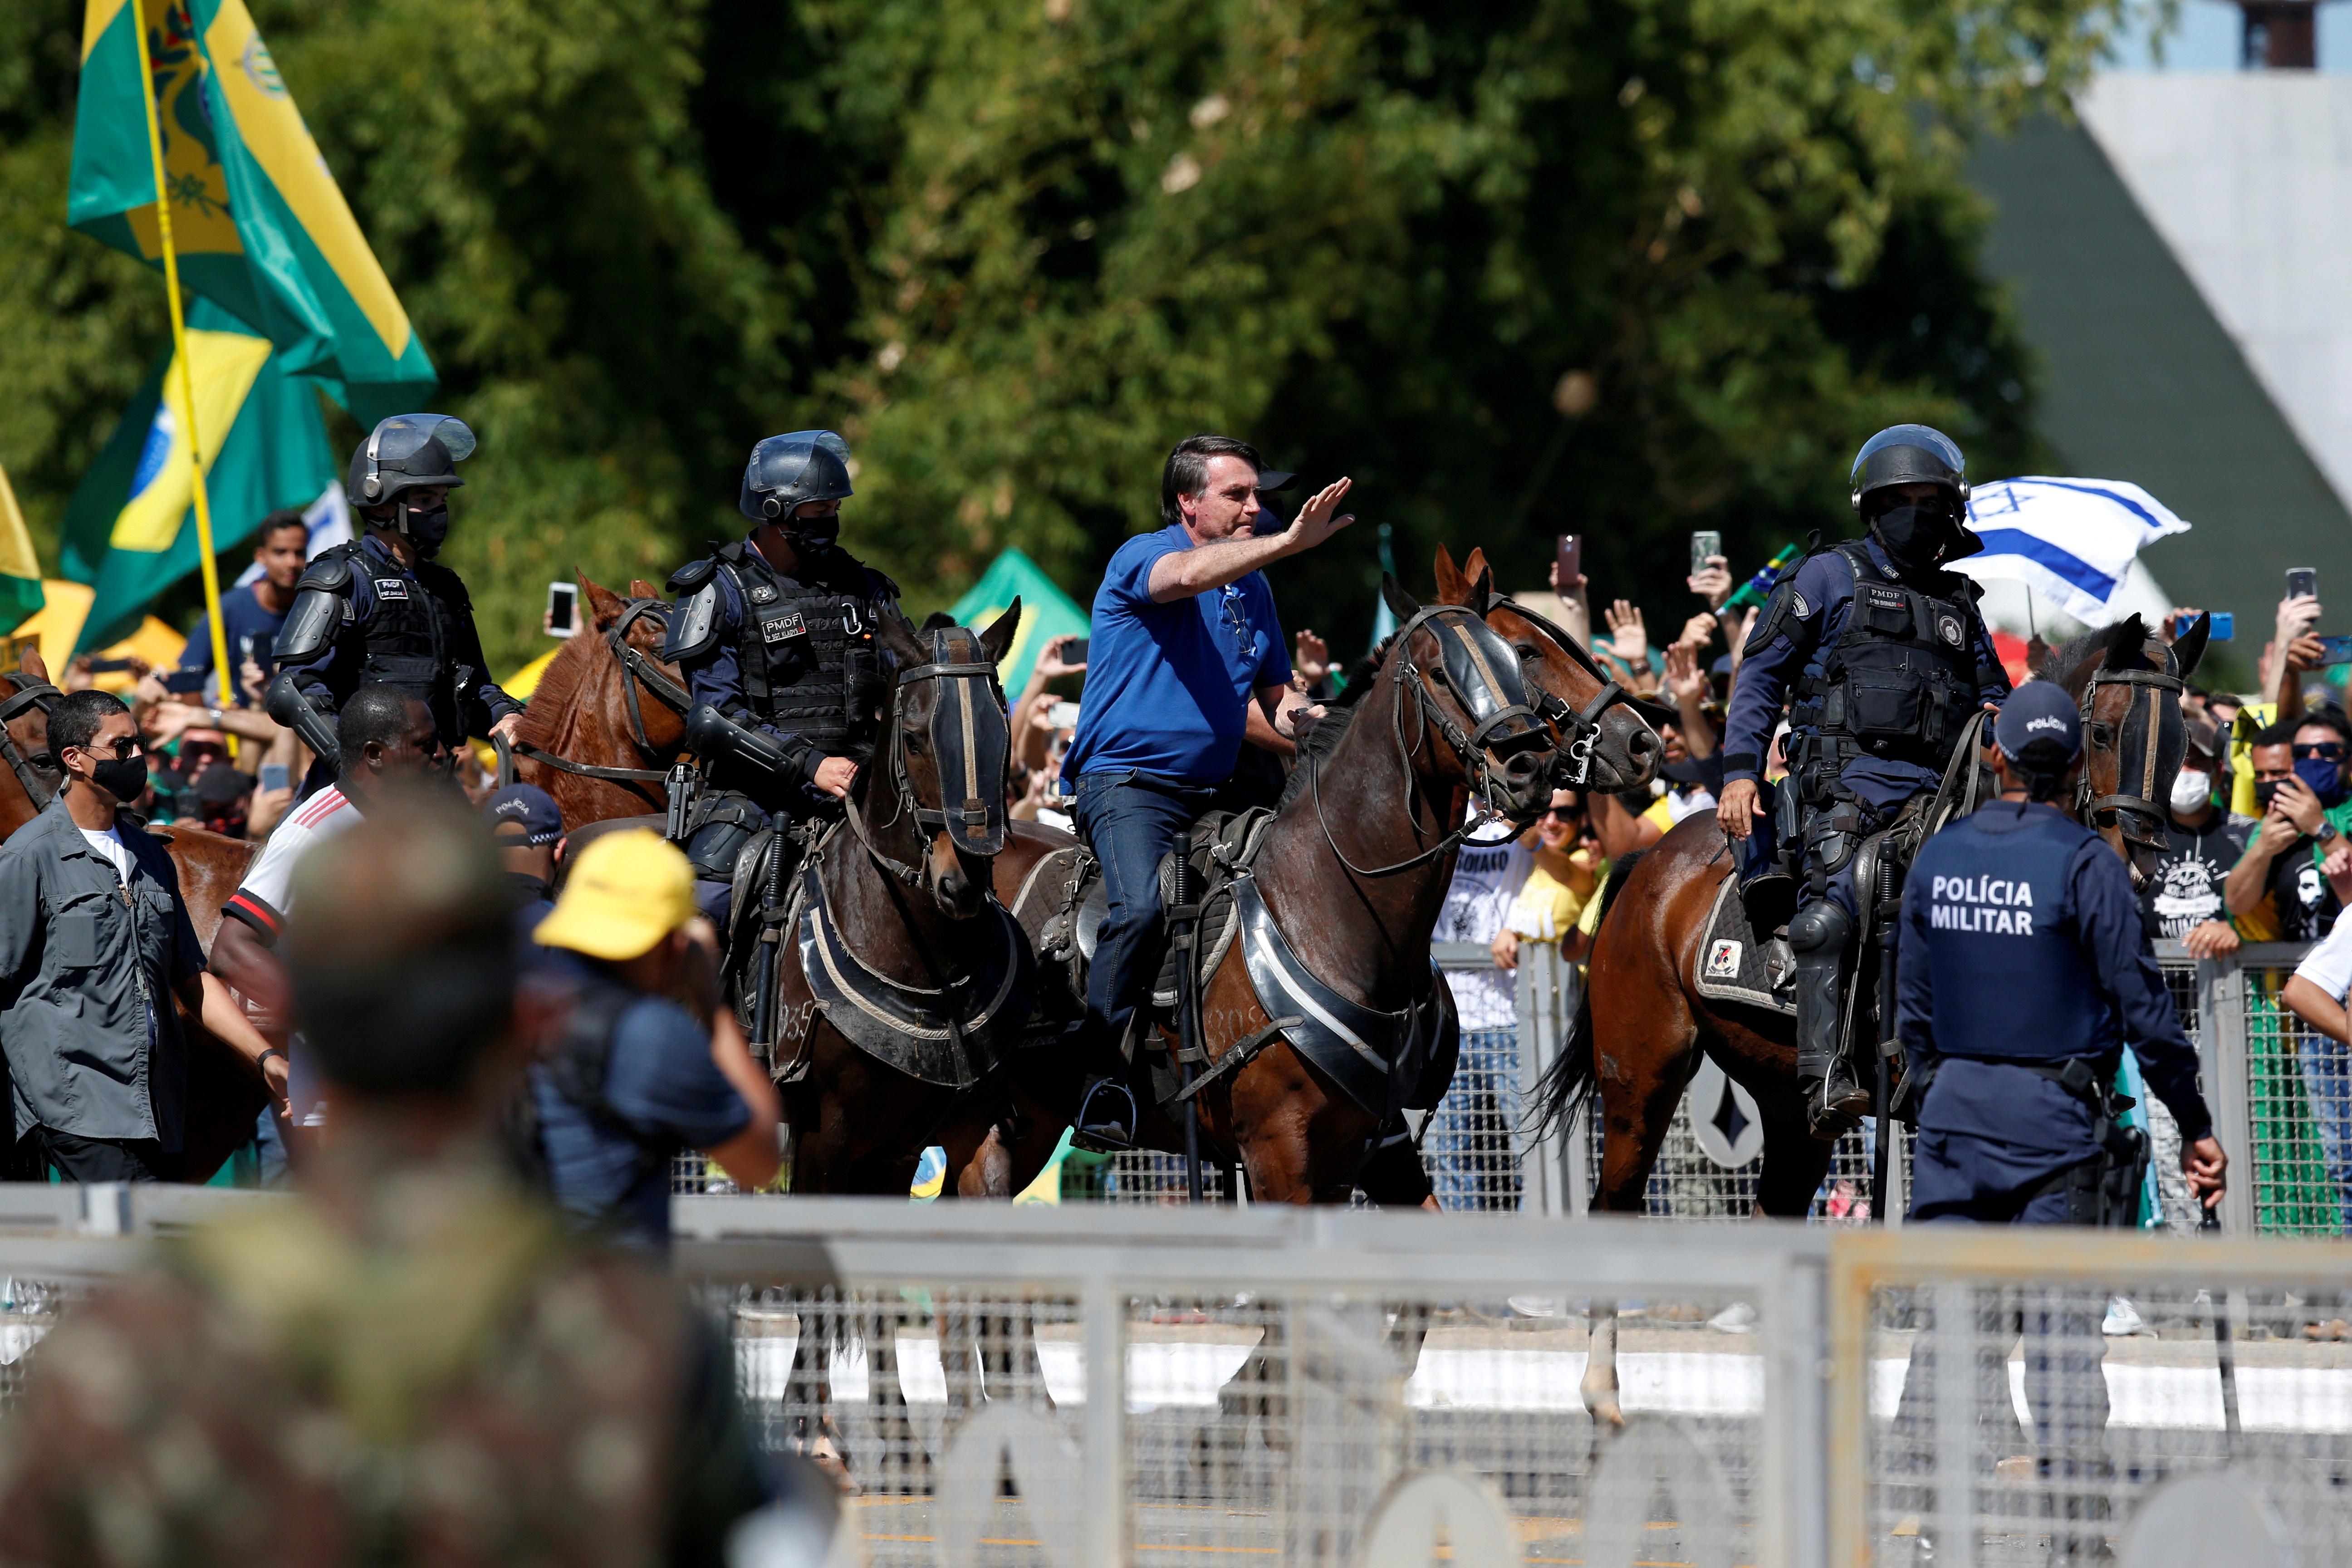 Jair Bolsonaro cabalgando un caballo el 31 de mayo pasado (REUTERS/Ueslei Marcelino/File Photo)